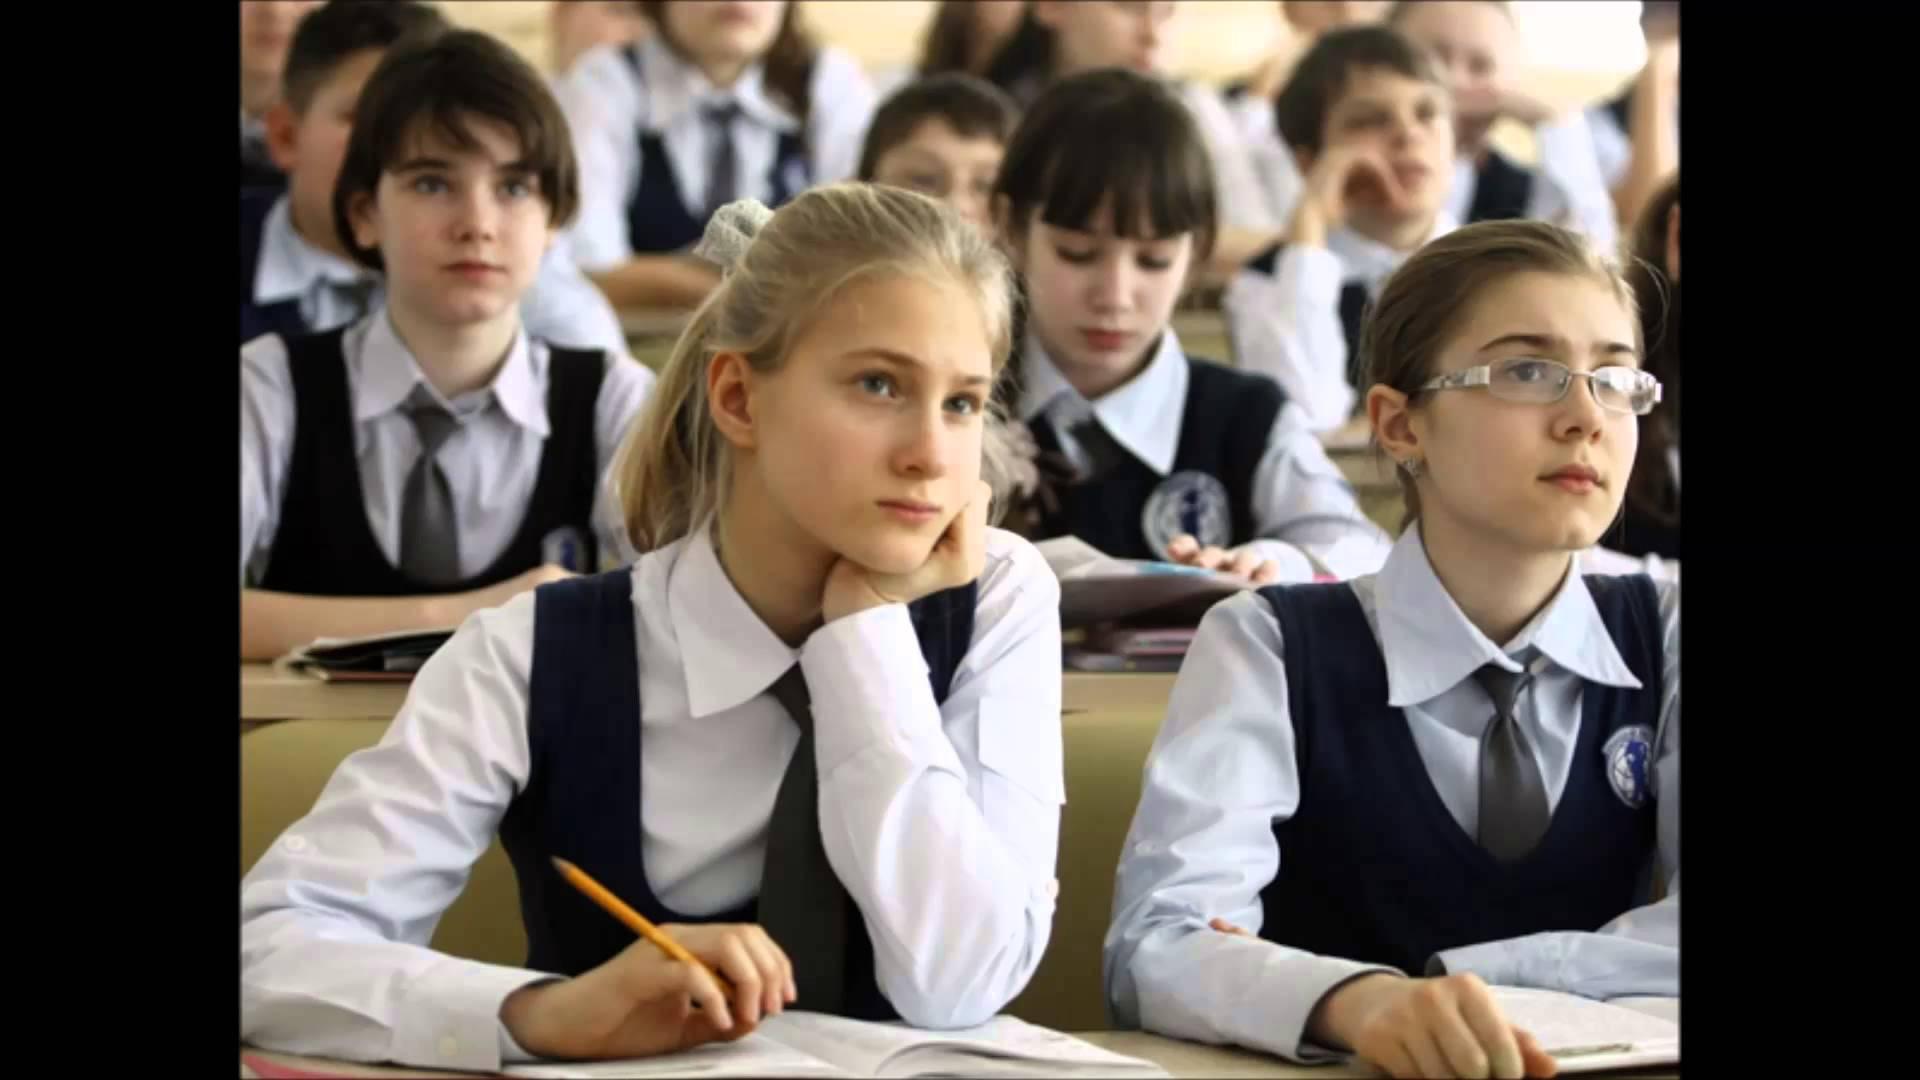 Вологодская область не снизит расходы на образование